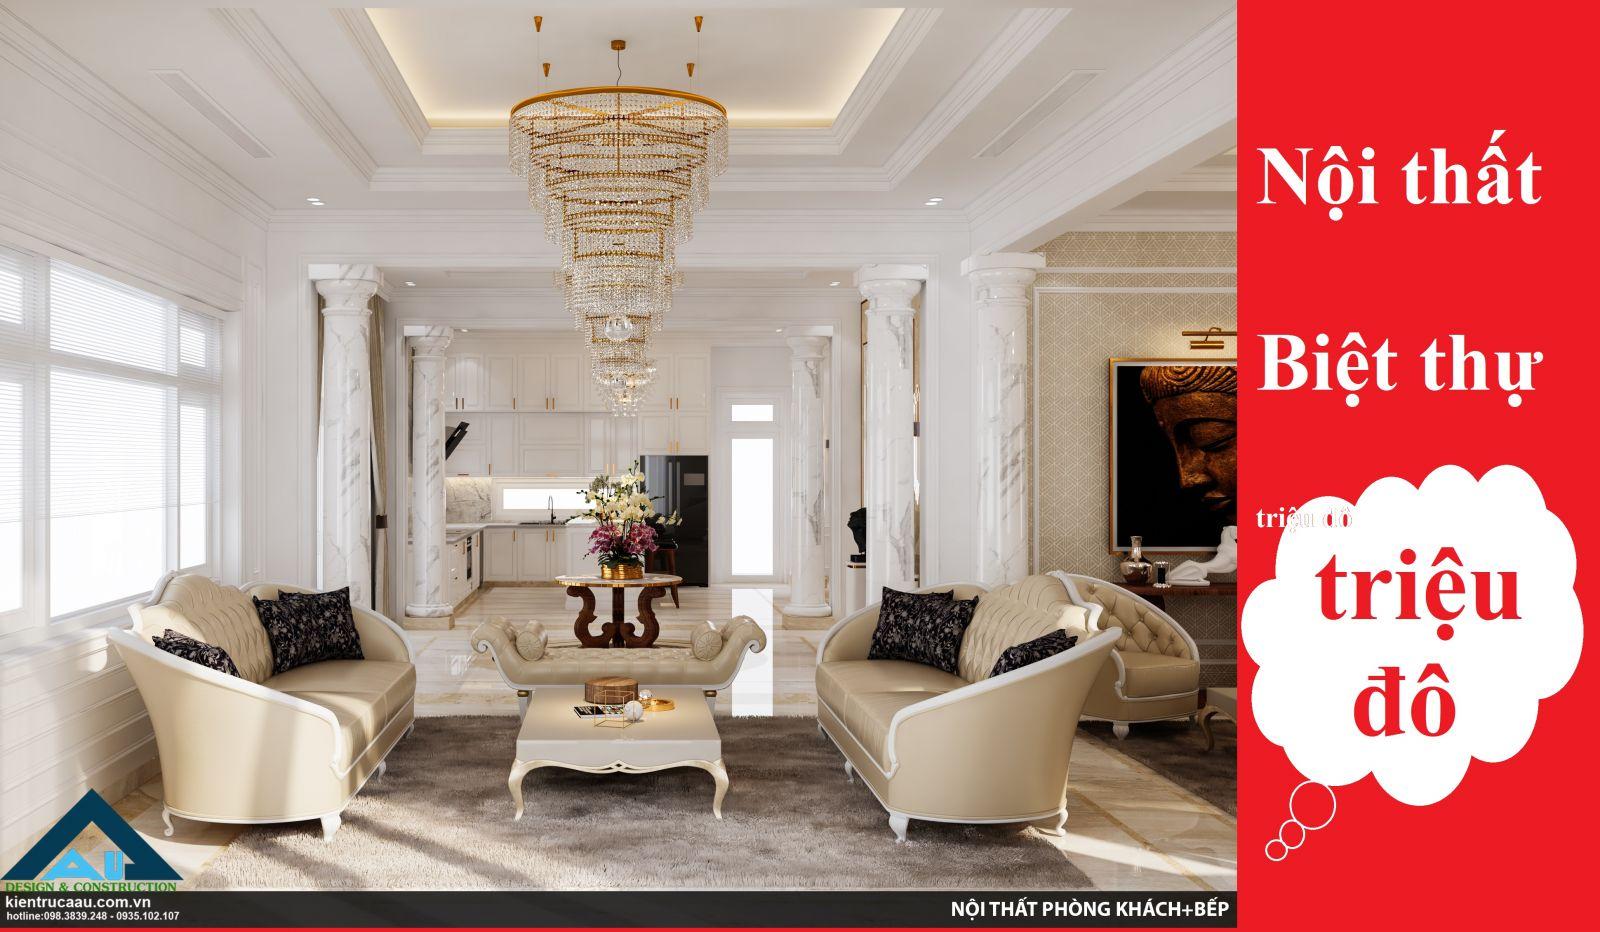 Khám phá nội thất biệt thự triệu đô trong không gian biệt thự tân cổ điển